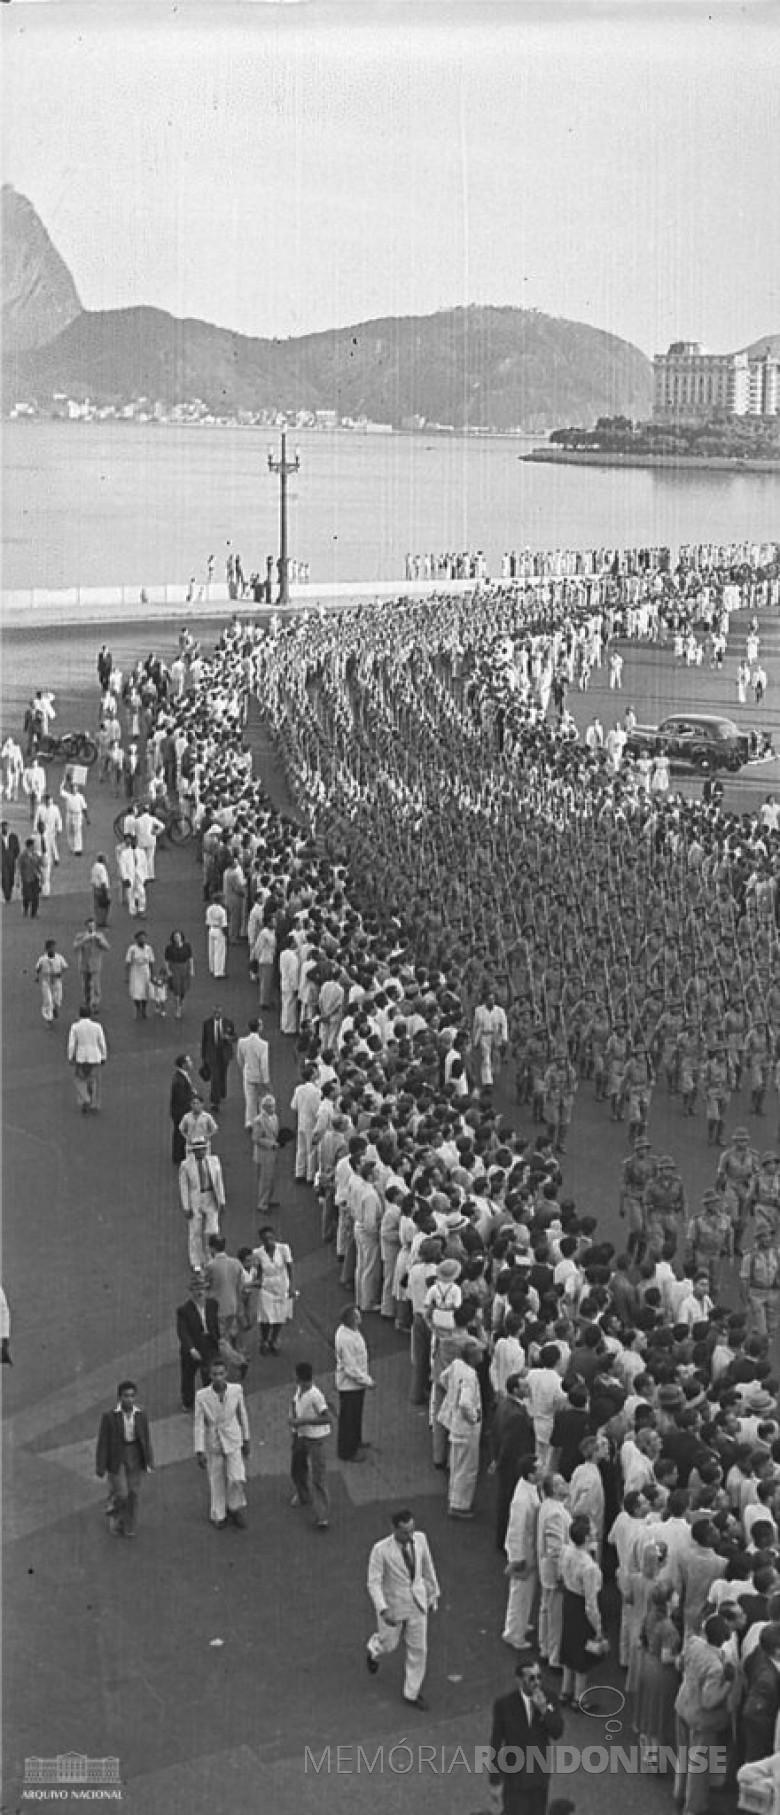 Desfile da Força Expedicionária Brasileira (FEB),  na cidade do Rio de Janeiro, em 1944, antes de embarcar para os campos de batalha na Itália, na Segunda Guerra Mundial. Imagem: Acervo Arquivo Nacional - FOTO 4  -